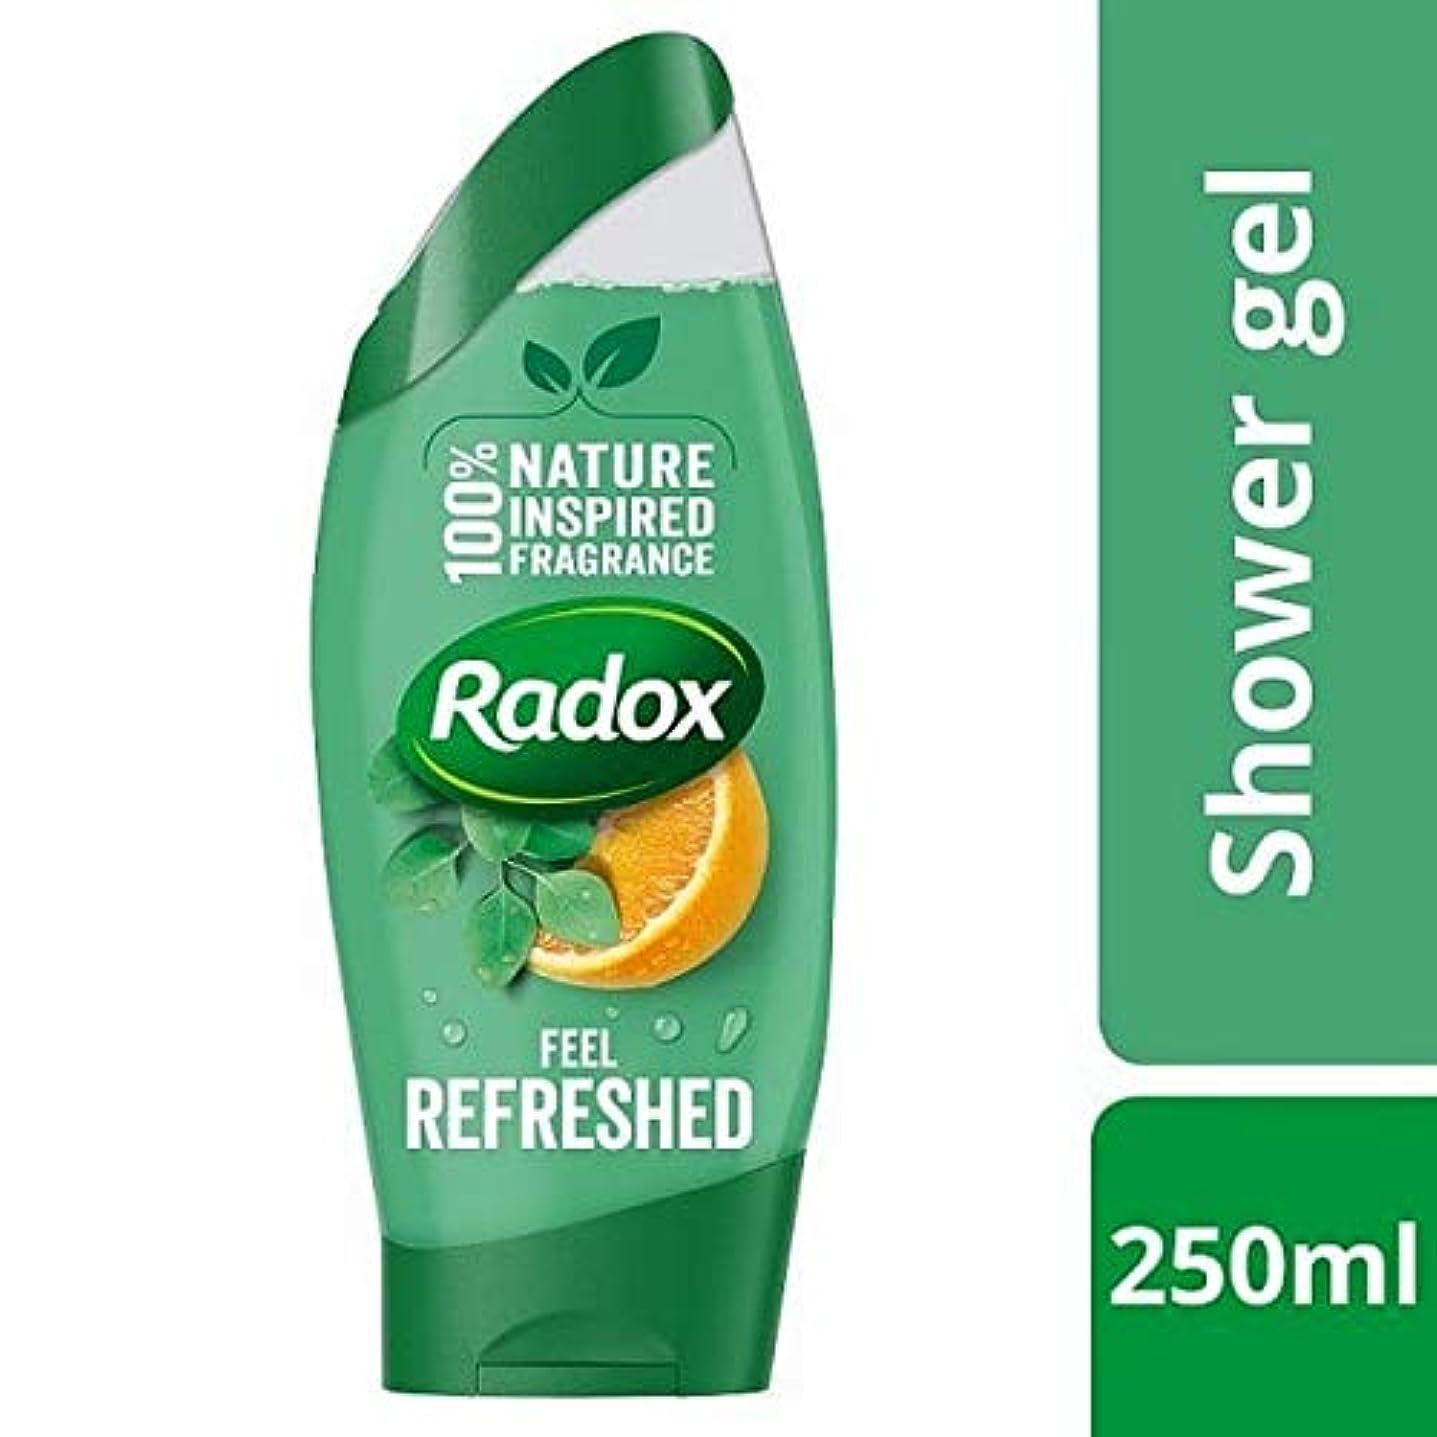 アクティブ経験アルカイック[Radox] Radoxが更新ユーカリ&シトラスシャワージェル250ミリリットルを感じます - Radox Feel Refreshed Eucalyptus & Citrus Shower Gel 250ml [並行輸入品]